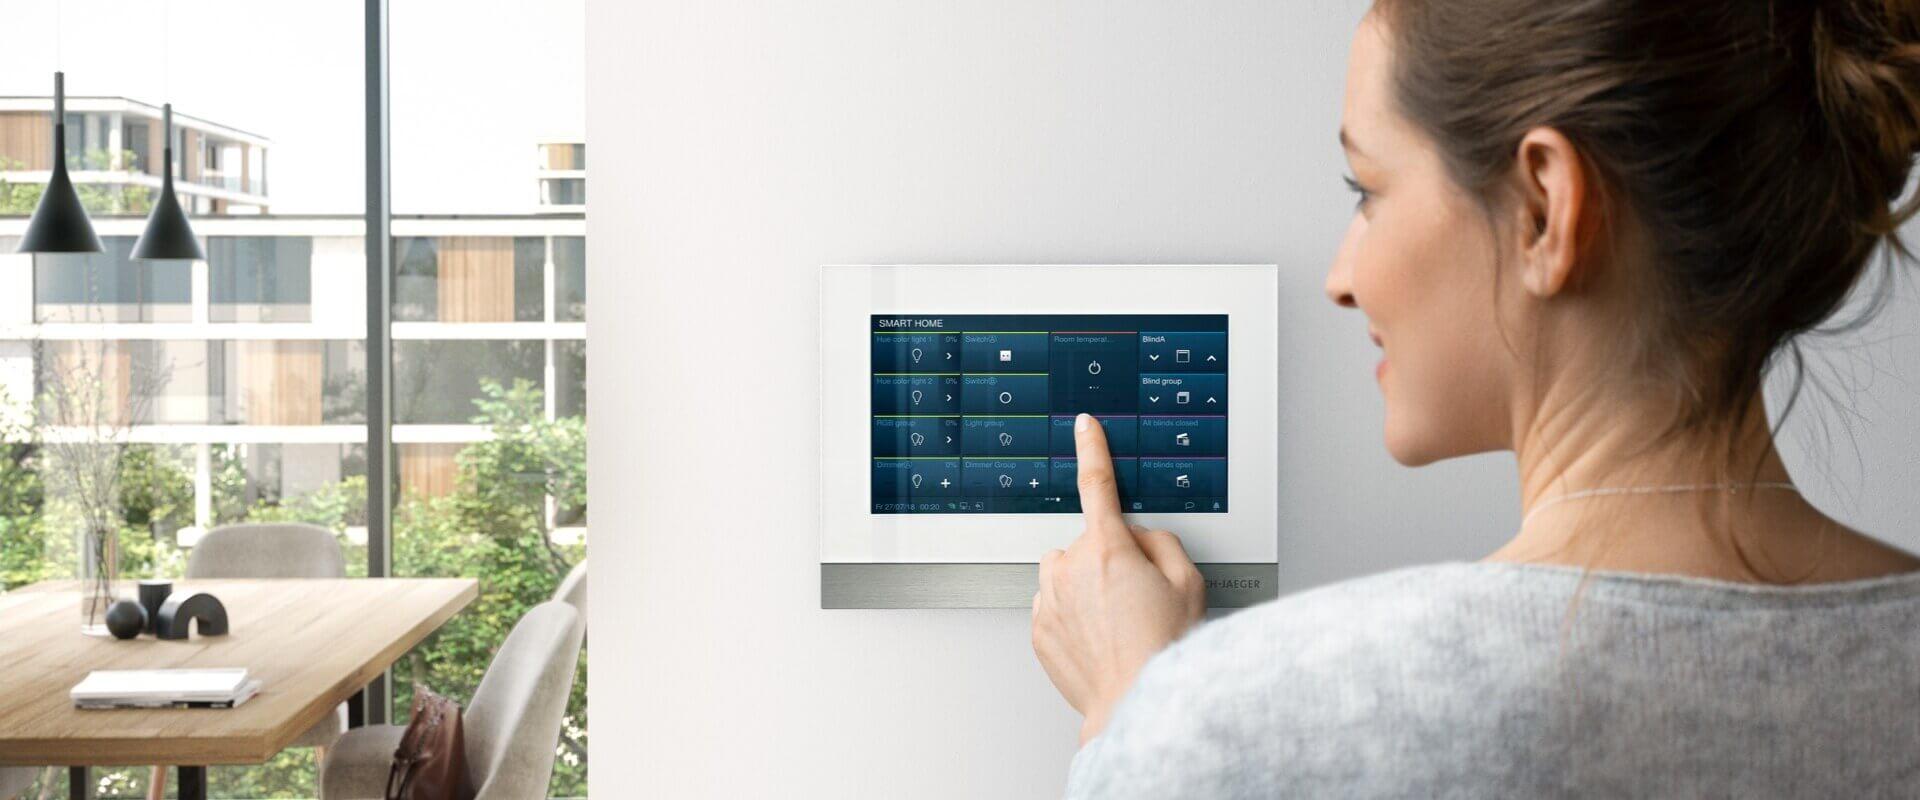 Toegangscontrole van woningen en gebouwen - Busch-Welcome® IP